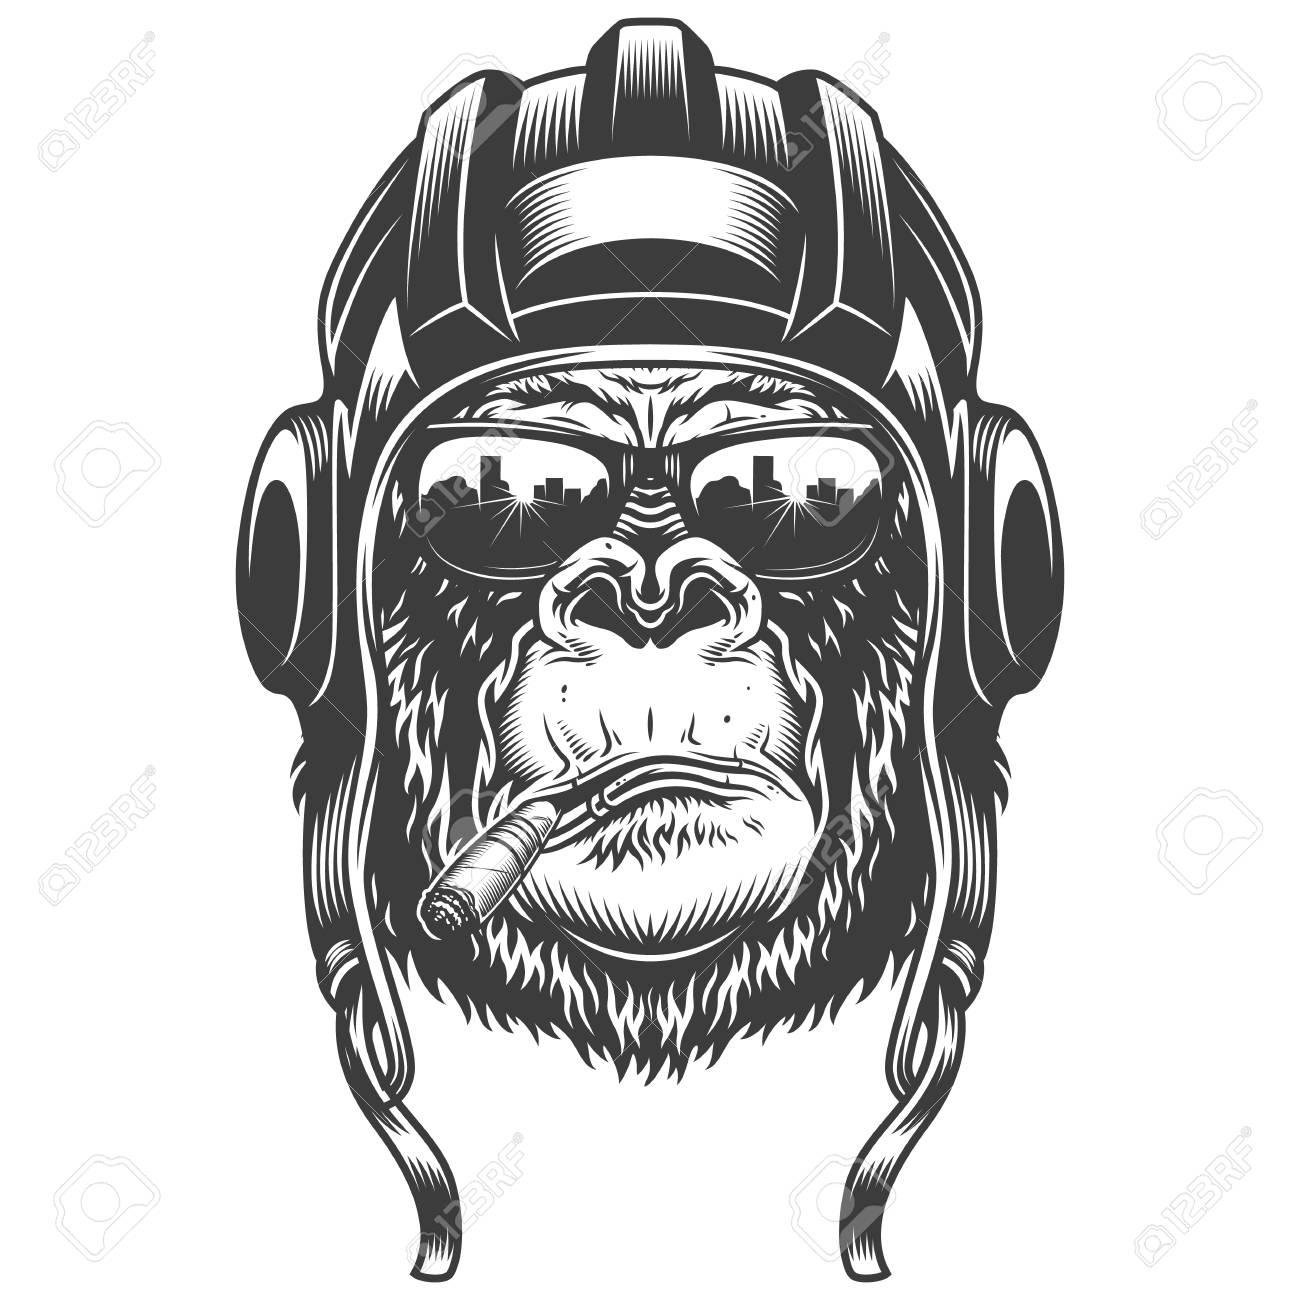 Gorilla head in monochrome style - 106926847